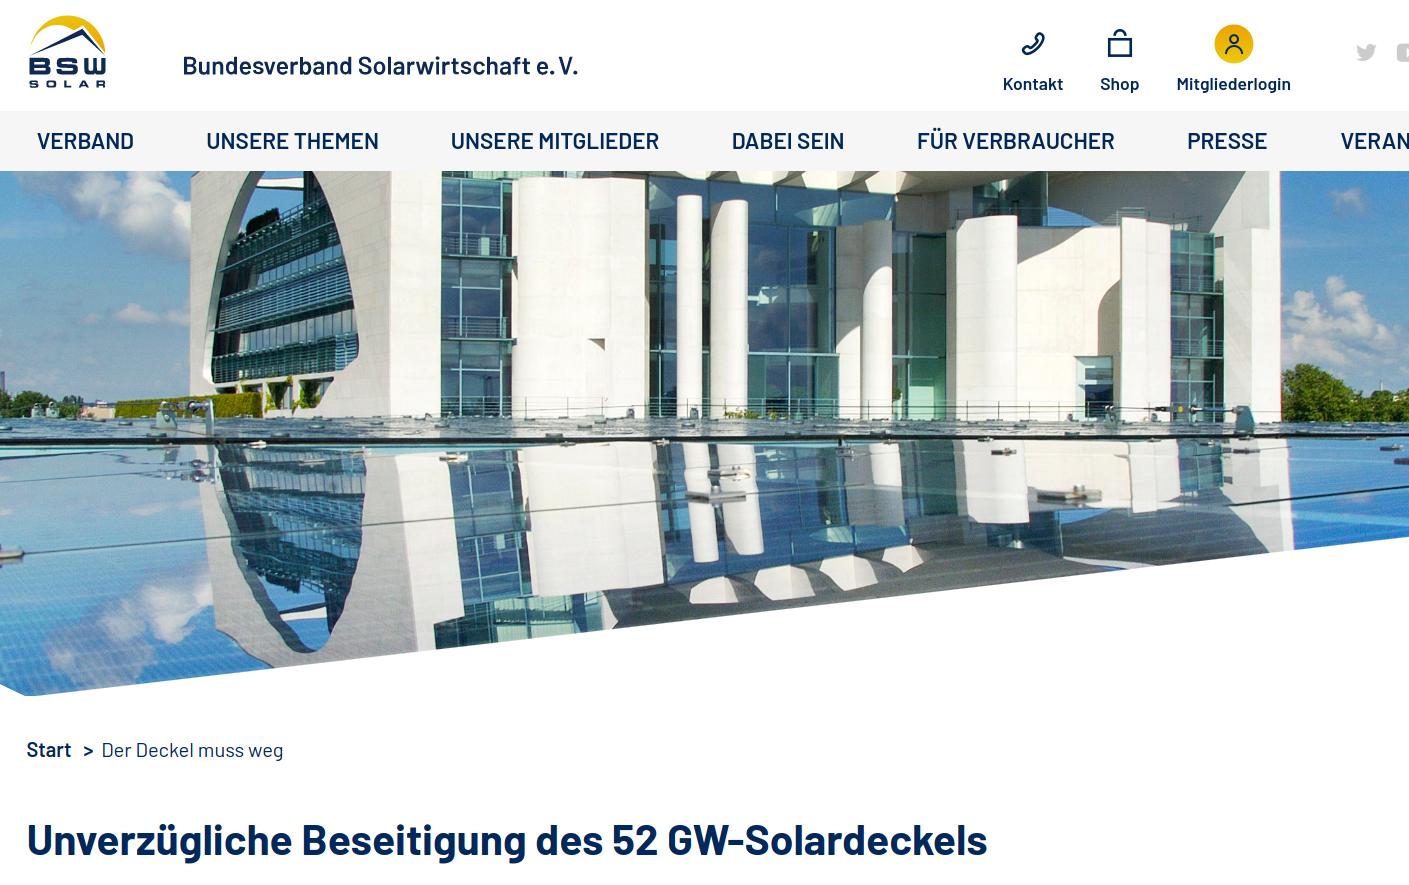 Unverzügliche Beseitigung des 52 GW-Solardeckels BSW-Solar